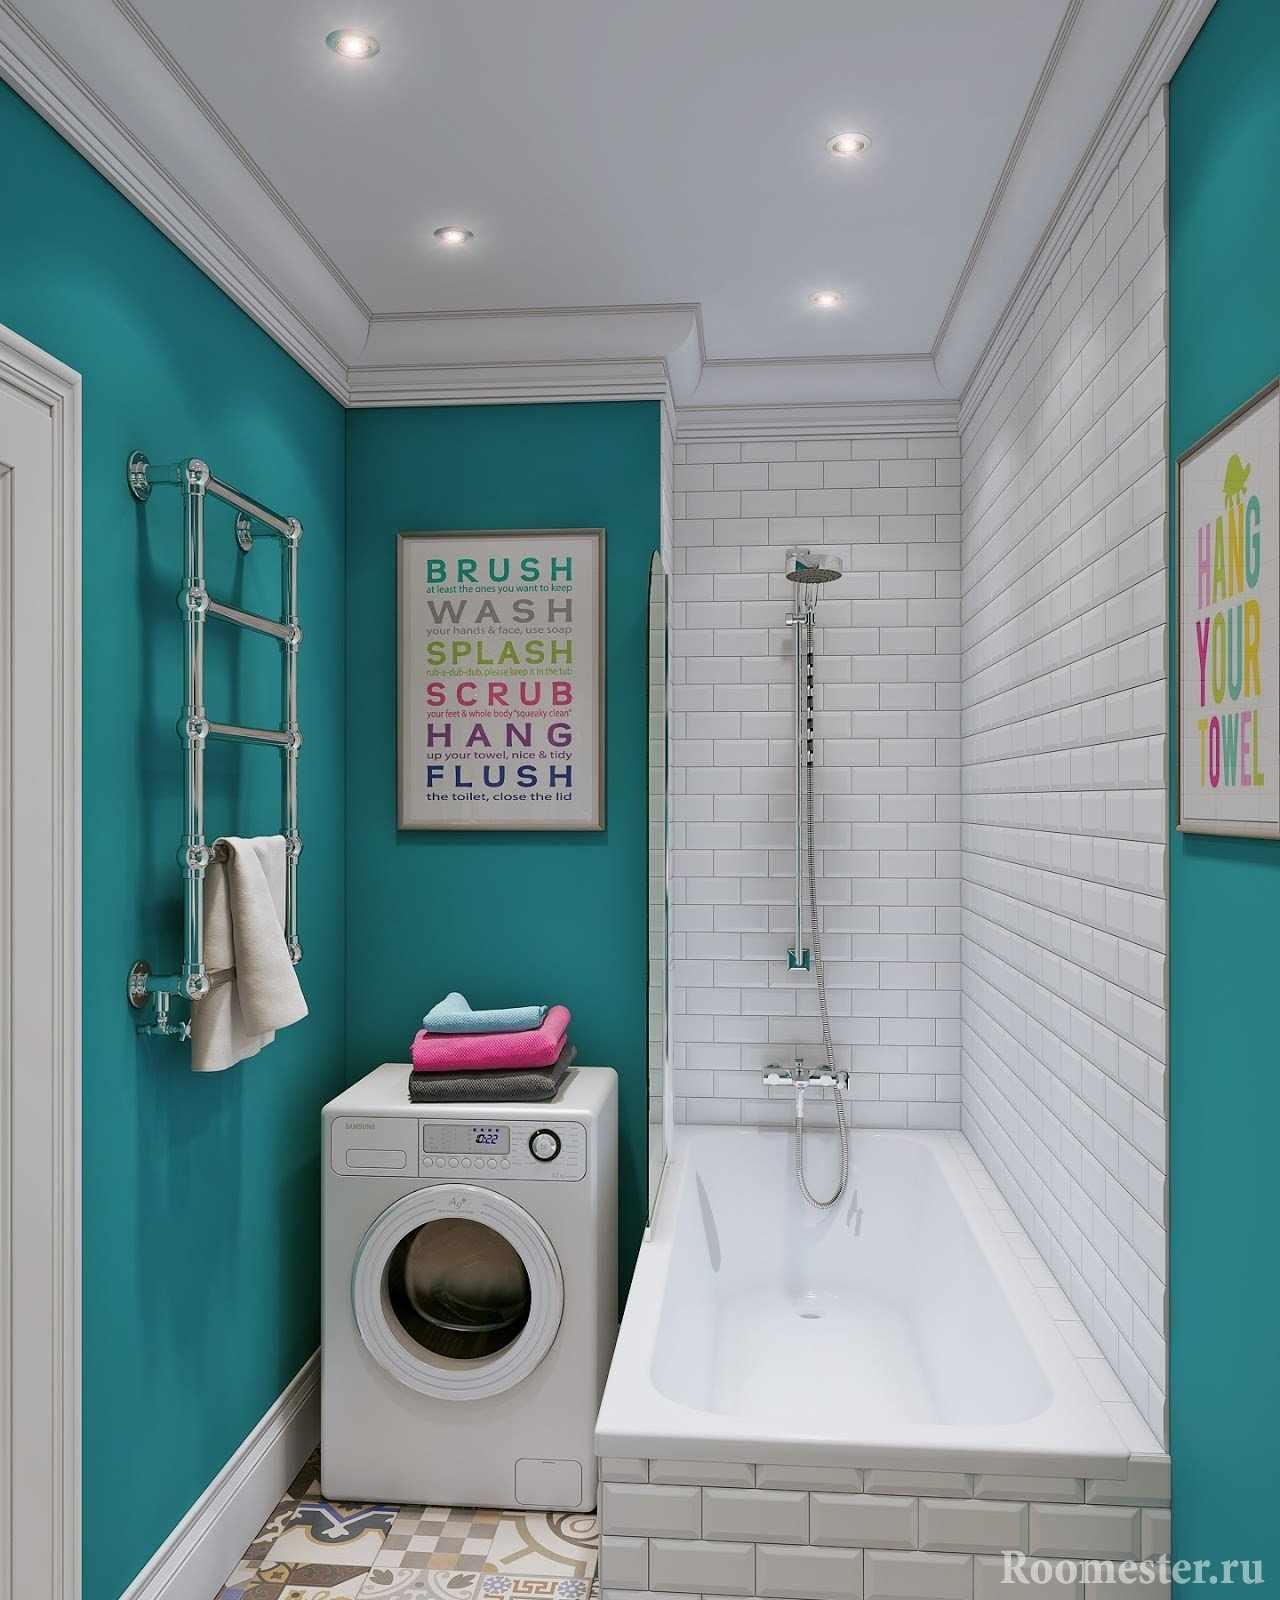 Ванная комната на 3 кв.м. со стиральной машиной